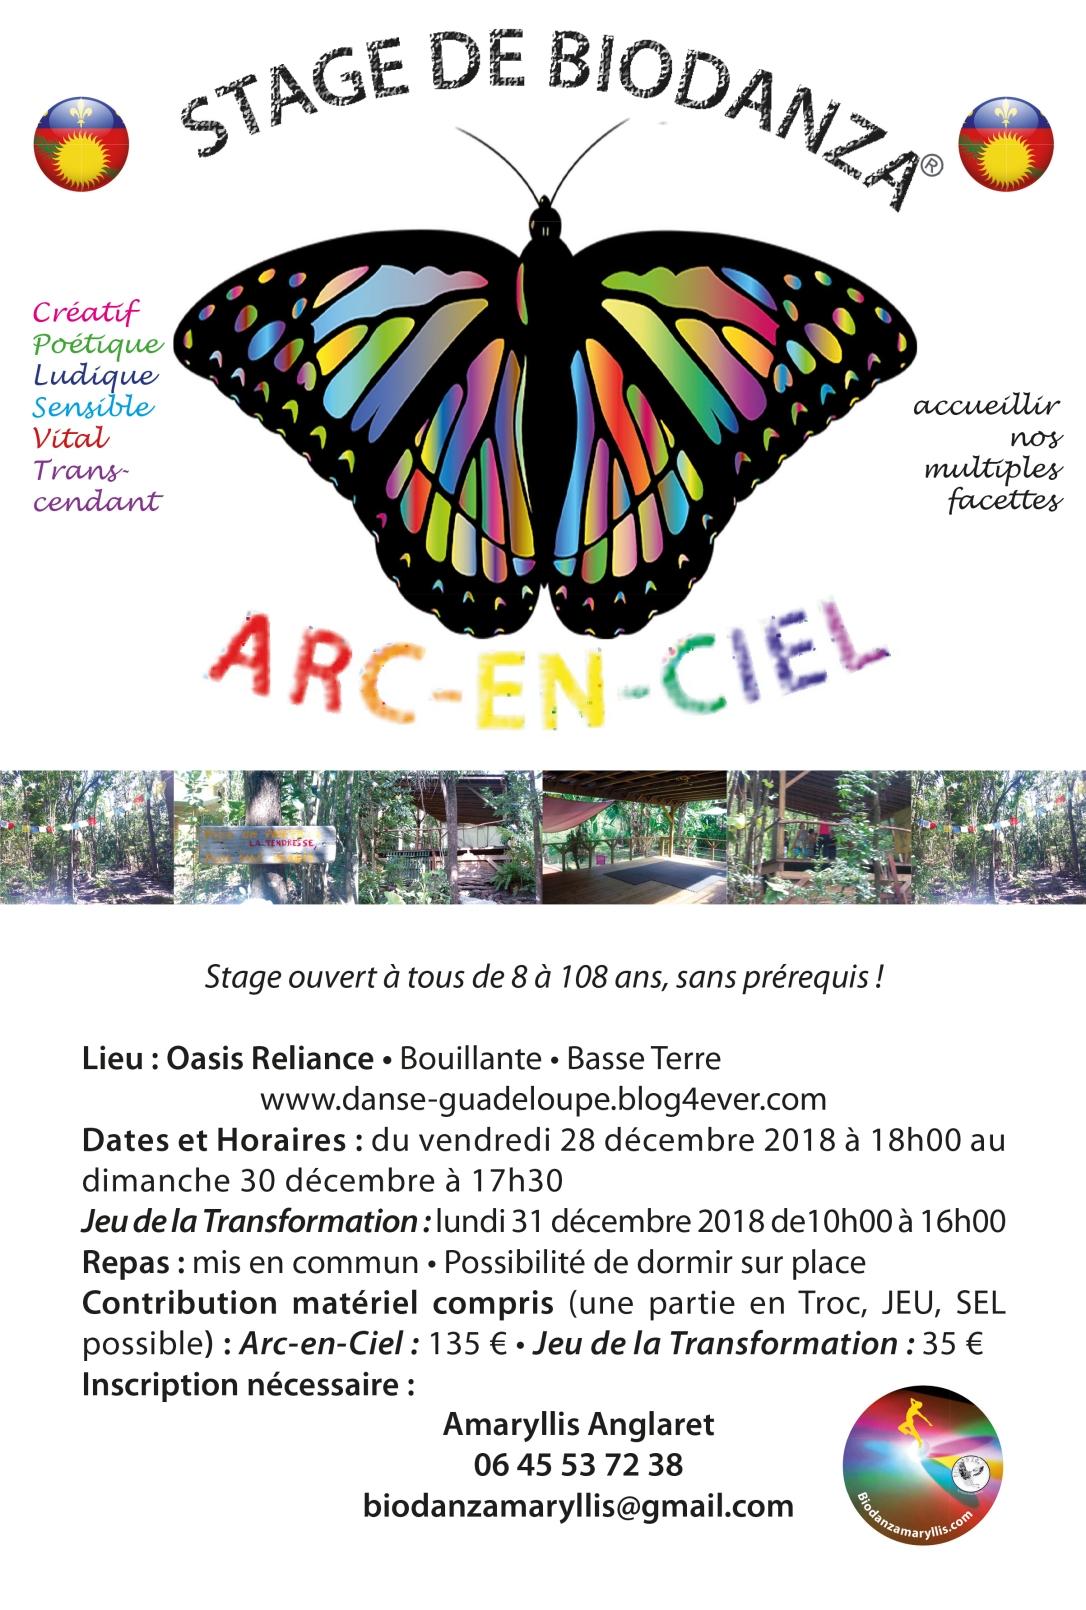 Biodanza_Stage_AeC_Guadeloupe.indd